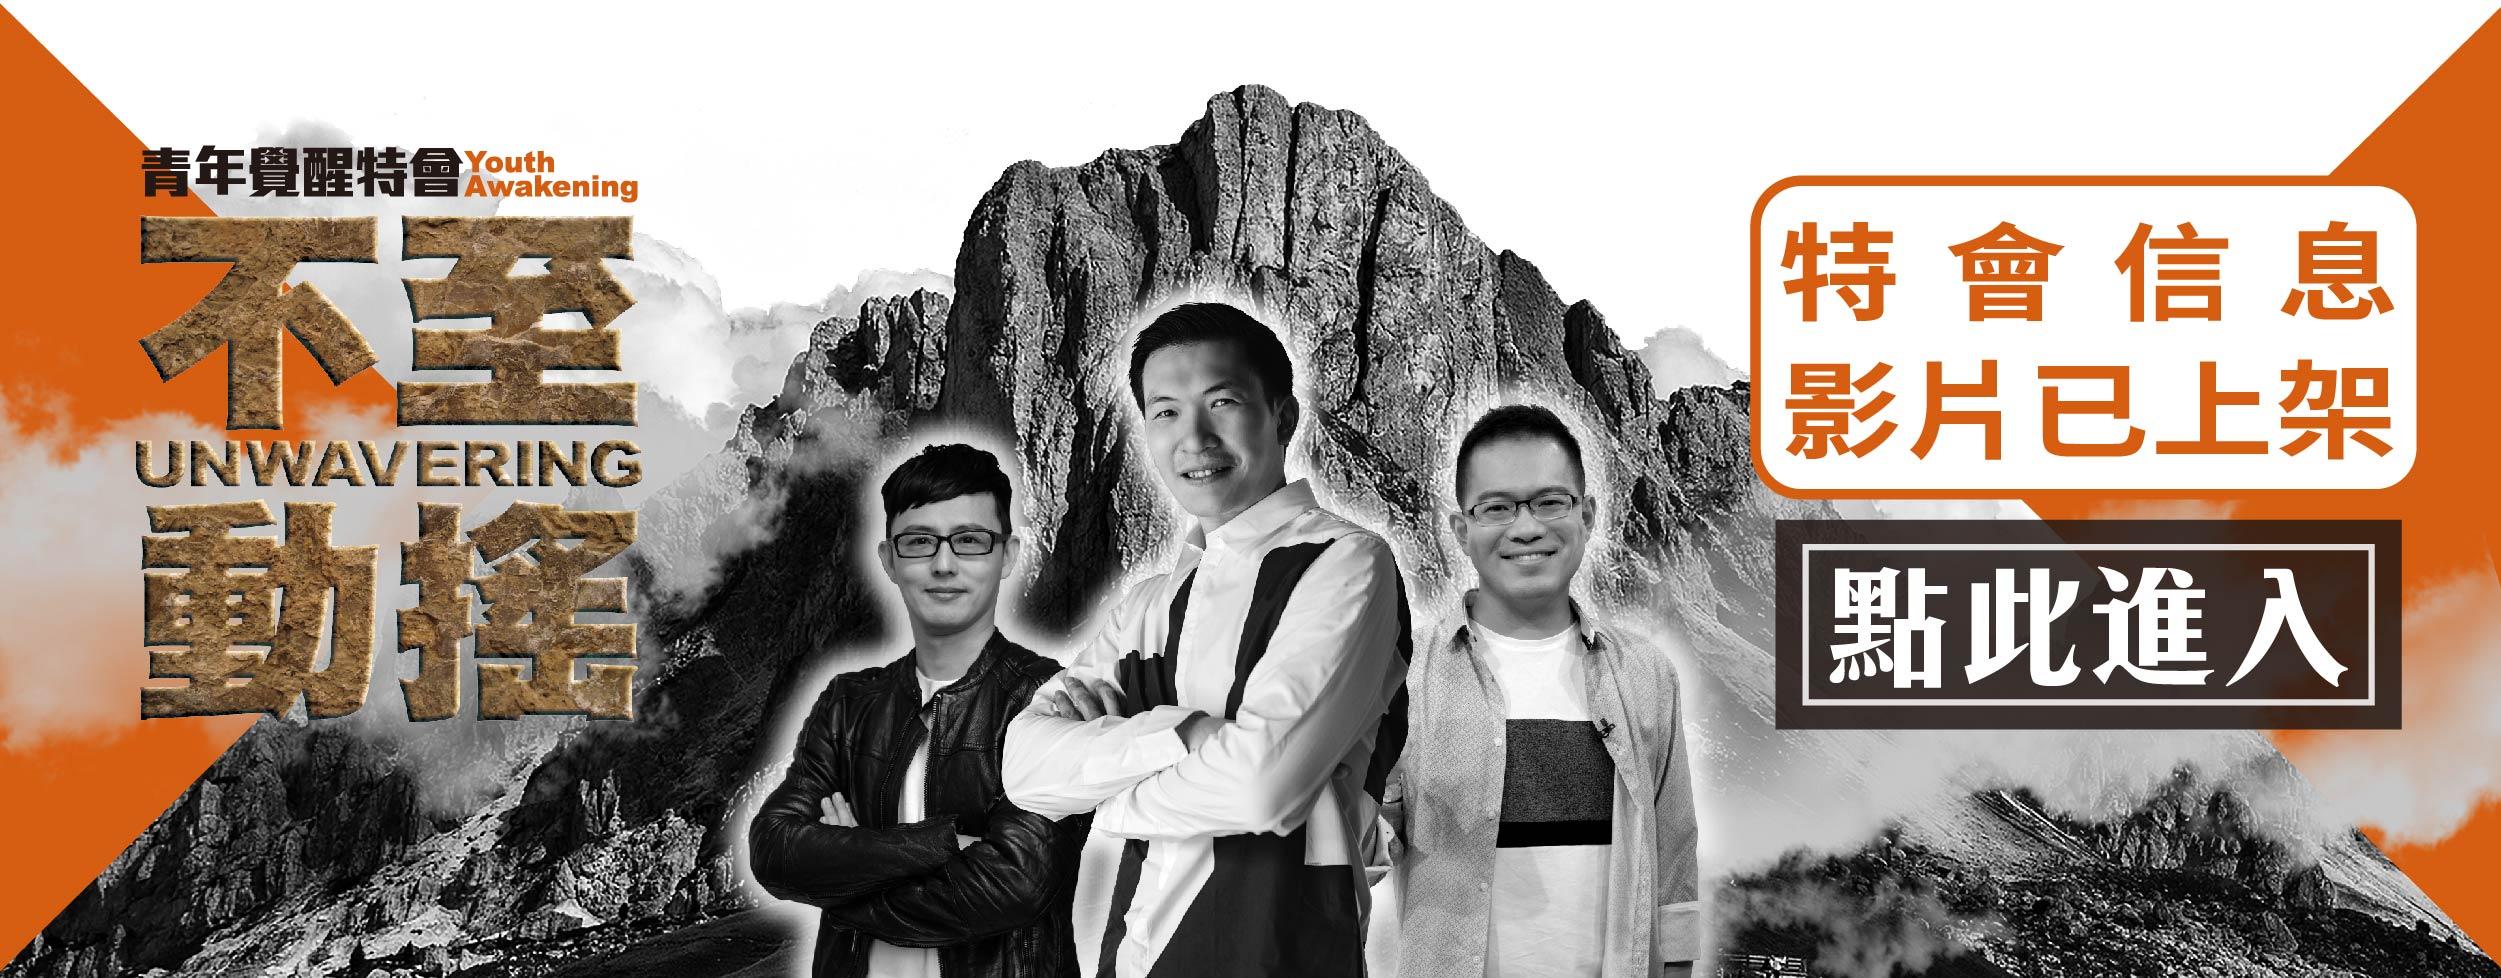 2018青年覺醒特會-信息已上架